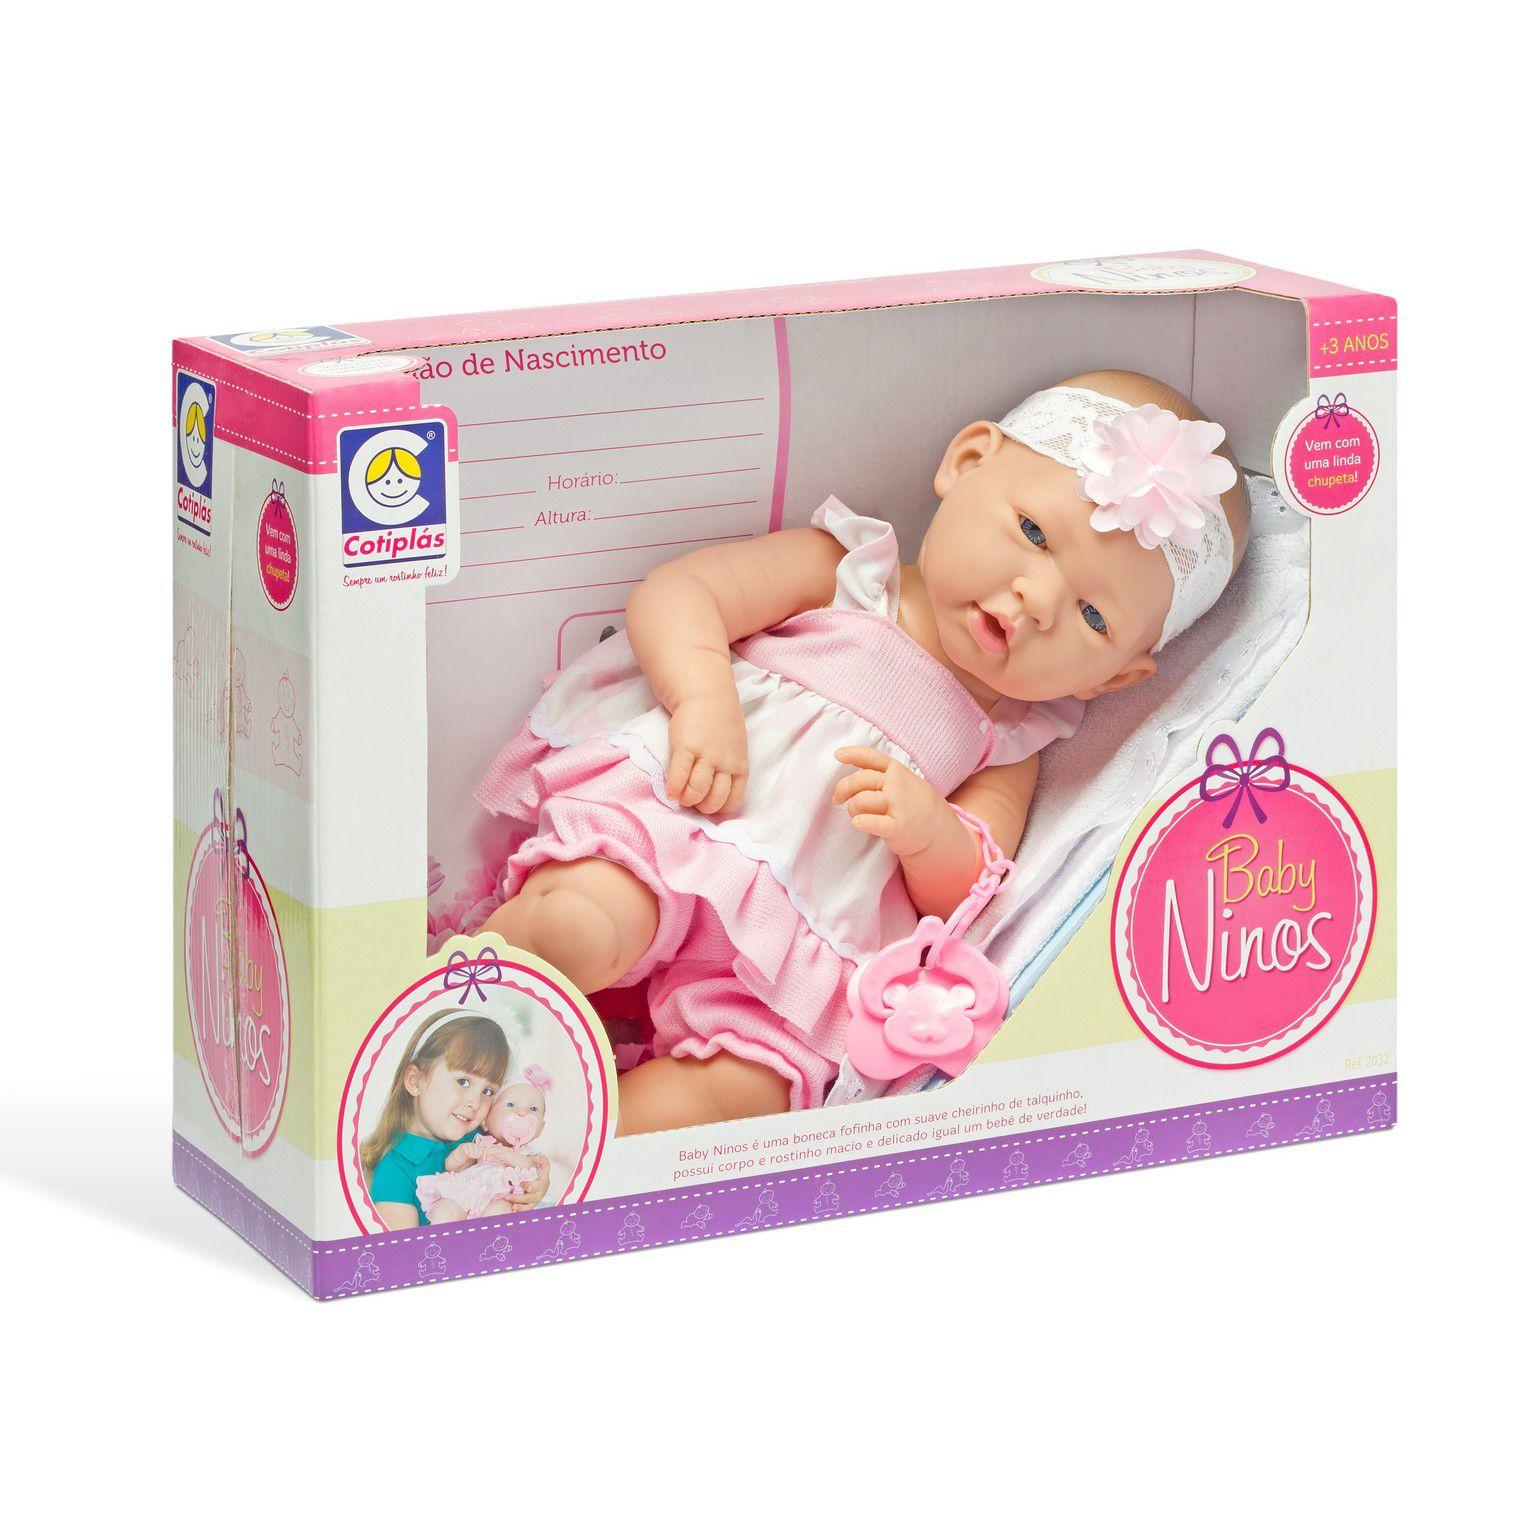 BONECA BABY NINOS COTIPLAS REF:2032